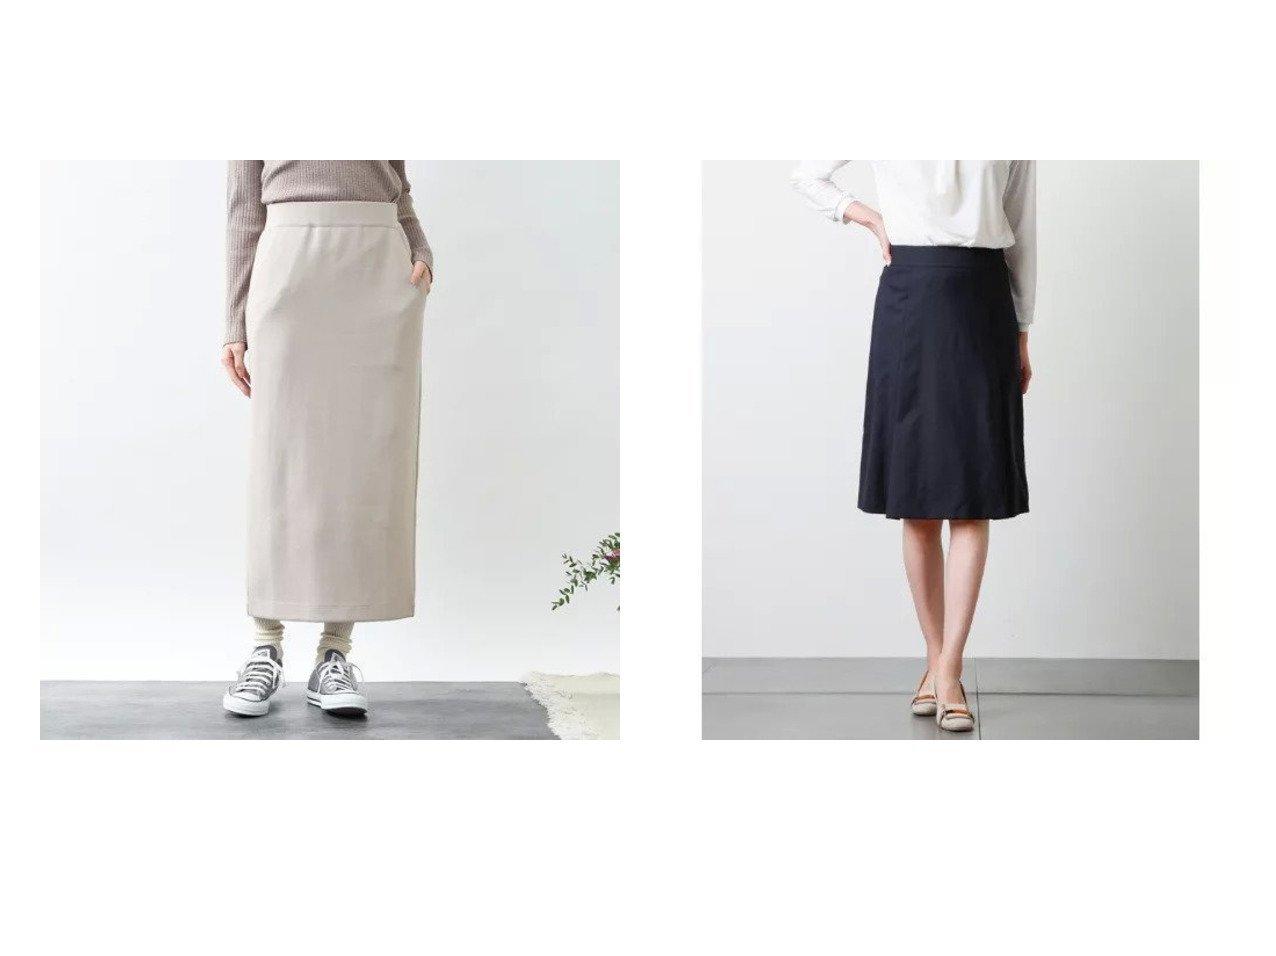 【collex/コレックス】のダンボールニットタイトスカート&【NEWYORKER/ニューヨーカー】のウールシルクドビー フレアスカート スカートのおすすめ!人気、トレンド・レディースファッションの通販 おすすめで人気の流行・トレンド、ファッションの通販商品 メンズファッション・キッズファッション・インテリア・家具・レディースファッション・服の通販 founy(ファニー) https://founy.com/ ファッション Fashion レディースファッション WOMEN スカート Skirt Aライン/フレアスカート Flared A-Line Skirts シンプル セットアップ タイトスカート マキシ ロング 冬 Winter 春 Spring 秋 Autumn/Fall インナー エレガント カットソー キュプラ サイドジップ シルク ジャケット スーツ ドット フレア ボックス 無地 2021年 2021 S/S 春夏 SS Spring/Summer 2021 春夏 S/S SS Spring/Summer 2021 |ID:crp329100000016297